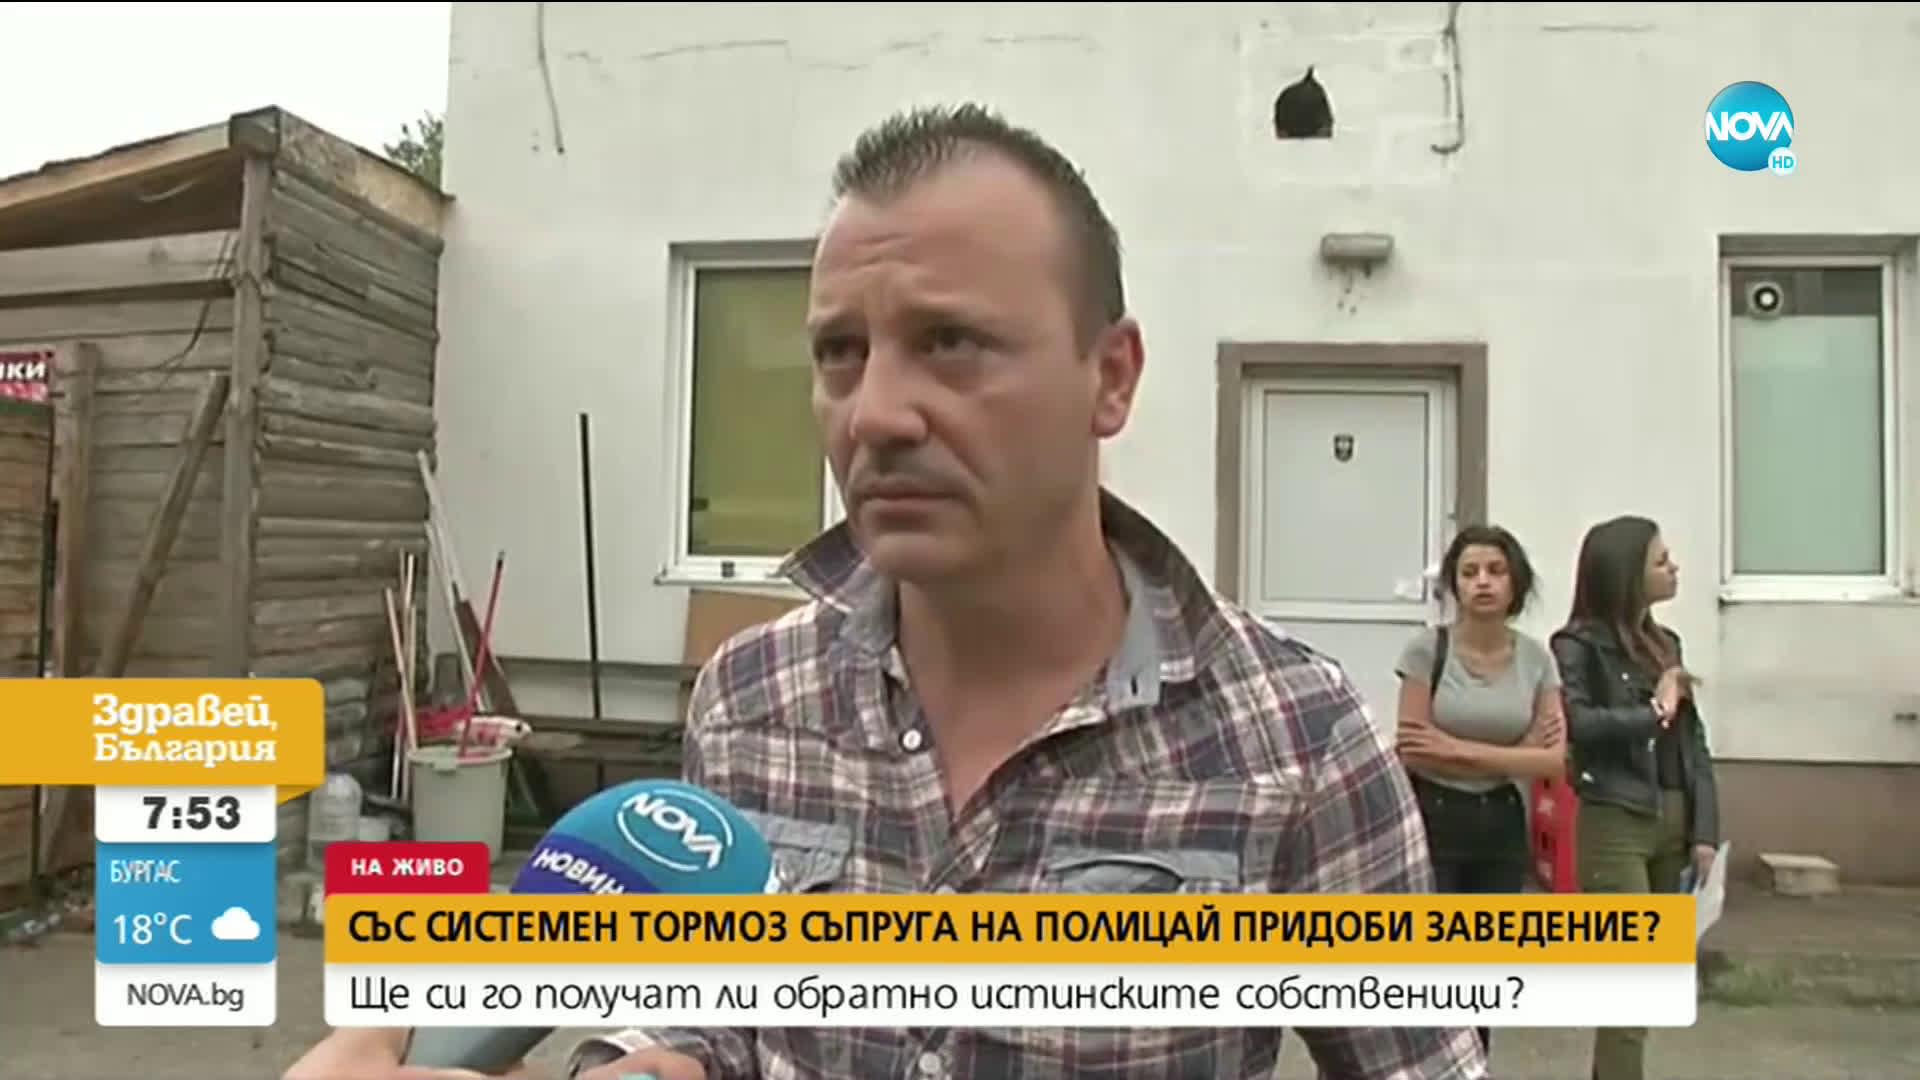 Върнаха заведение на бизнесмен в Плевен, въпреки че семейството на катаджията Цветомир Цолов влезе в